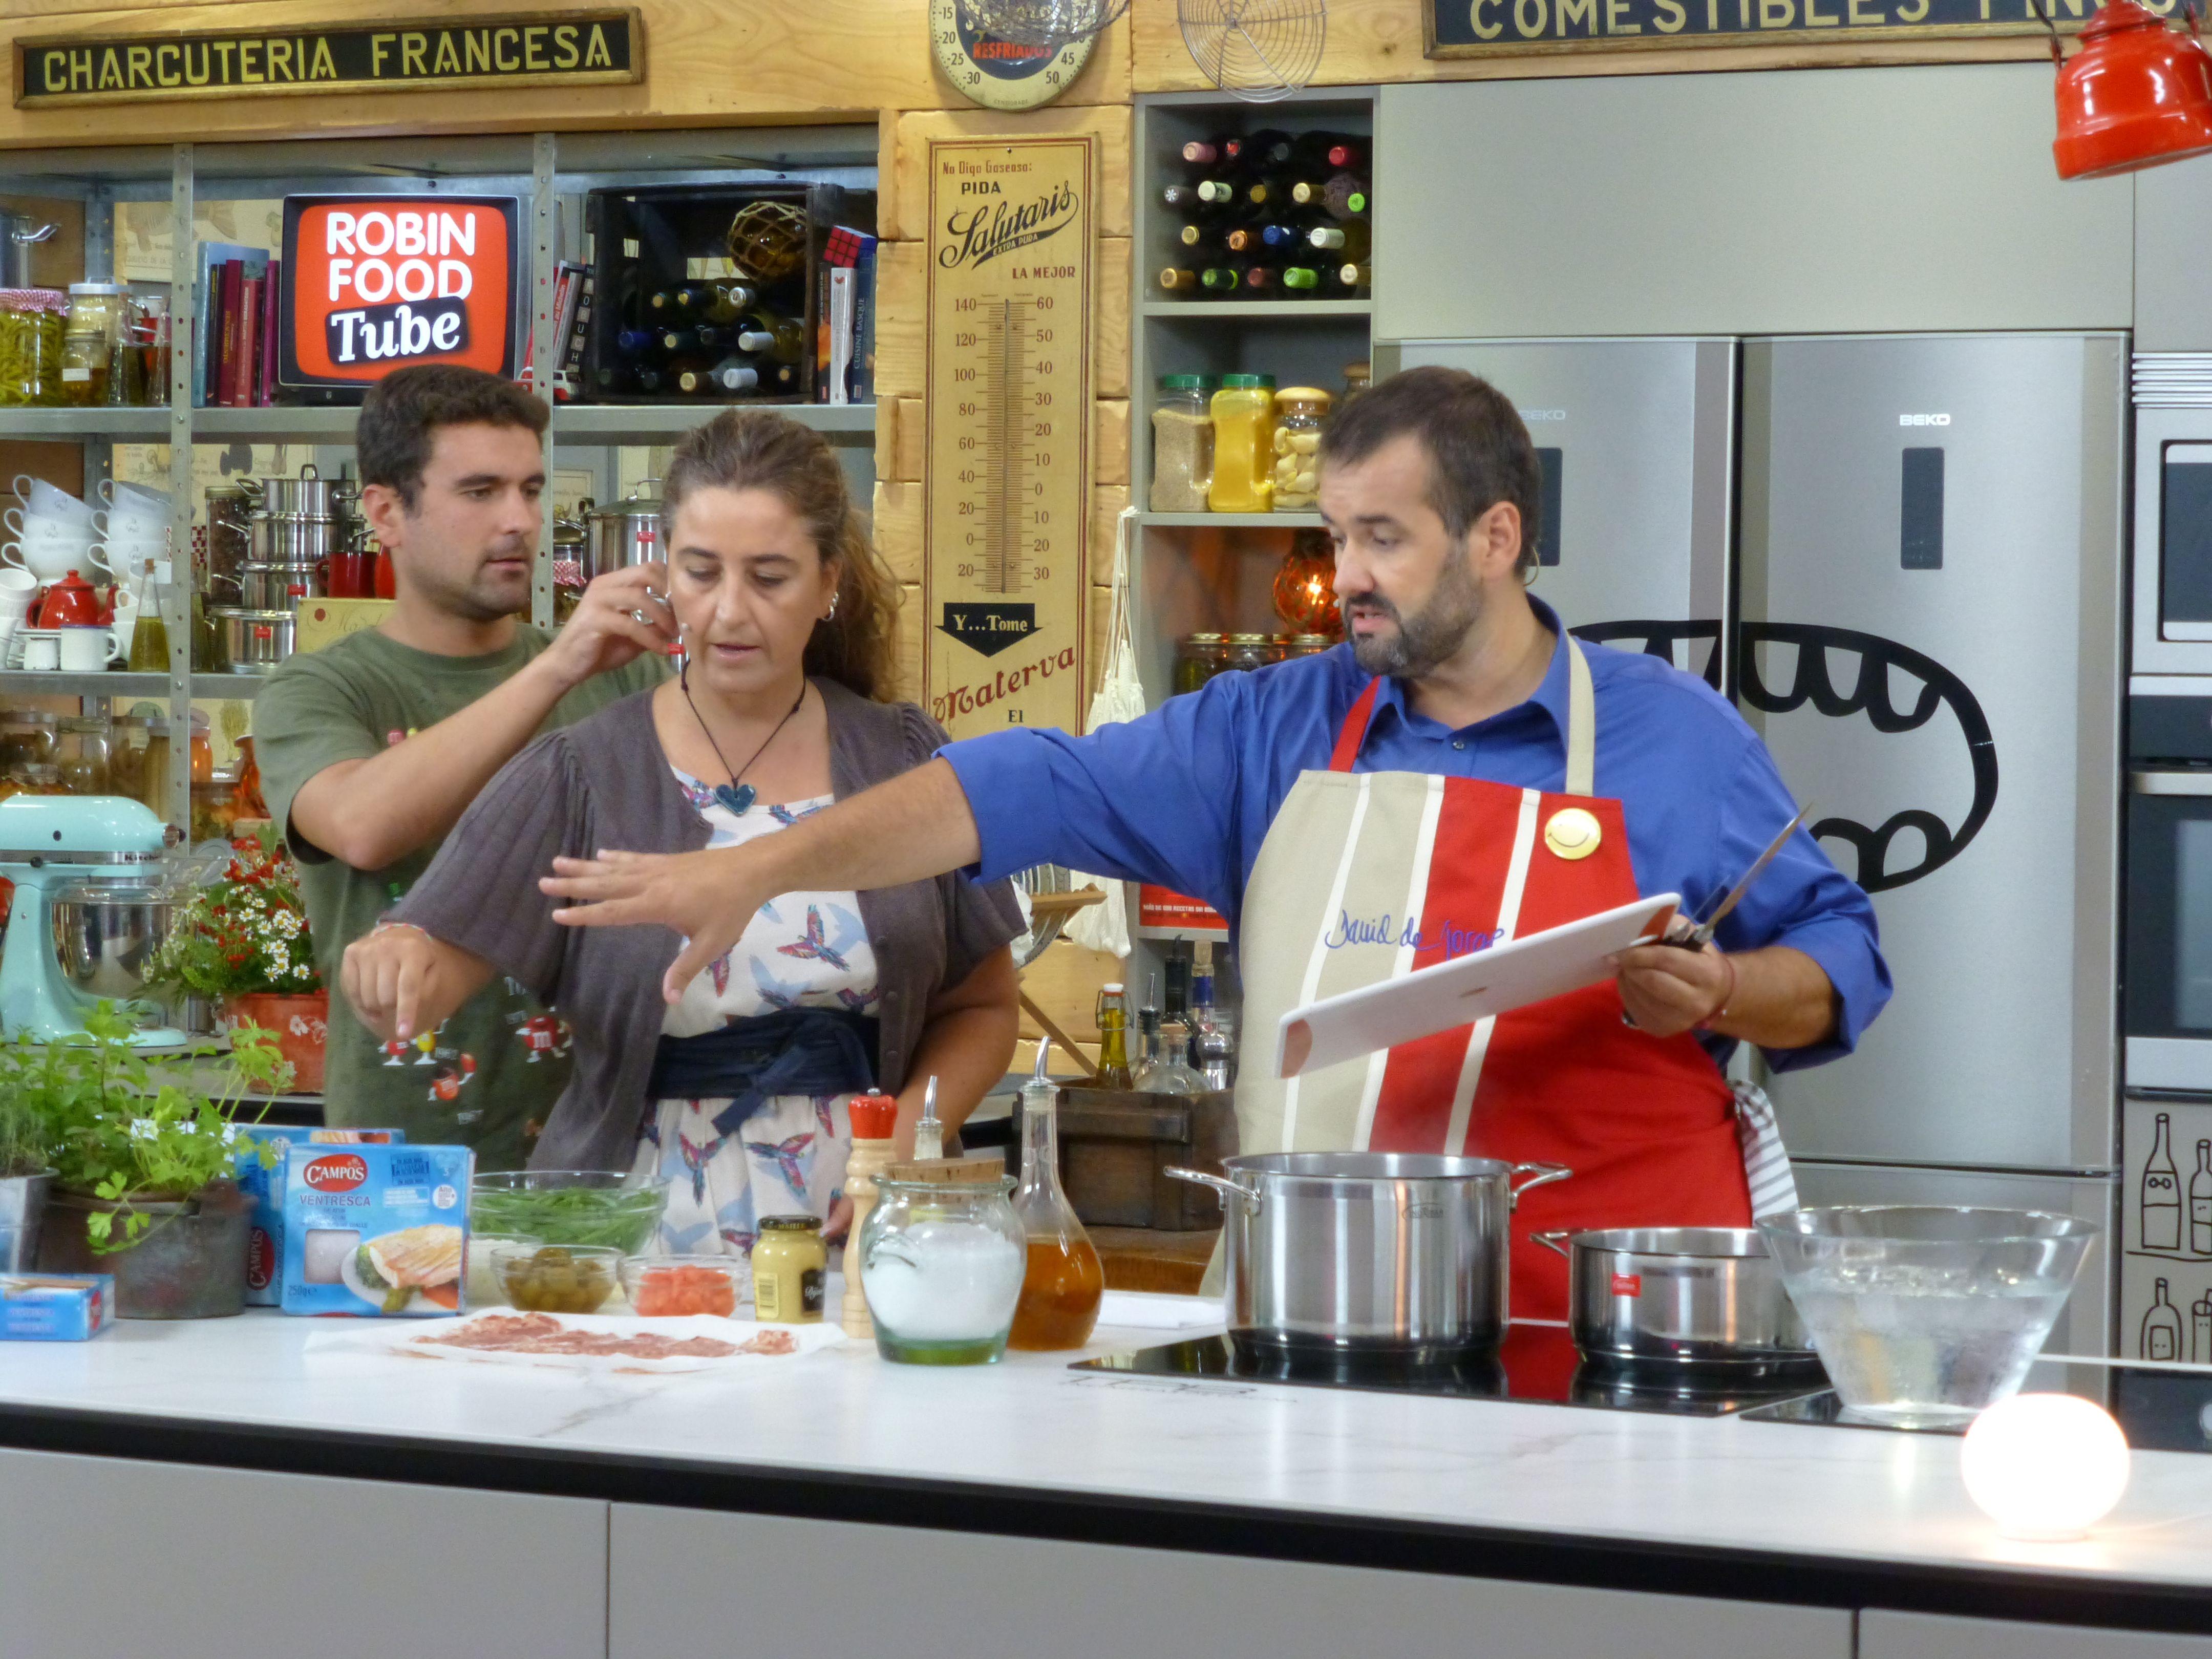 Making Off Del Programa De Robin Food Donde David De Jorge Cocina Con  Campos. (15 10 2013)